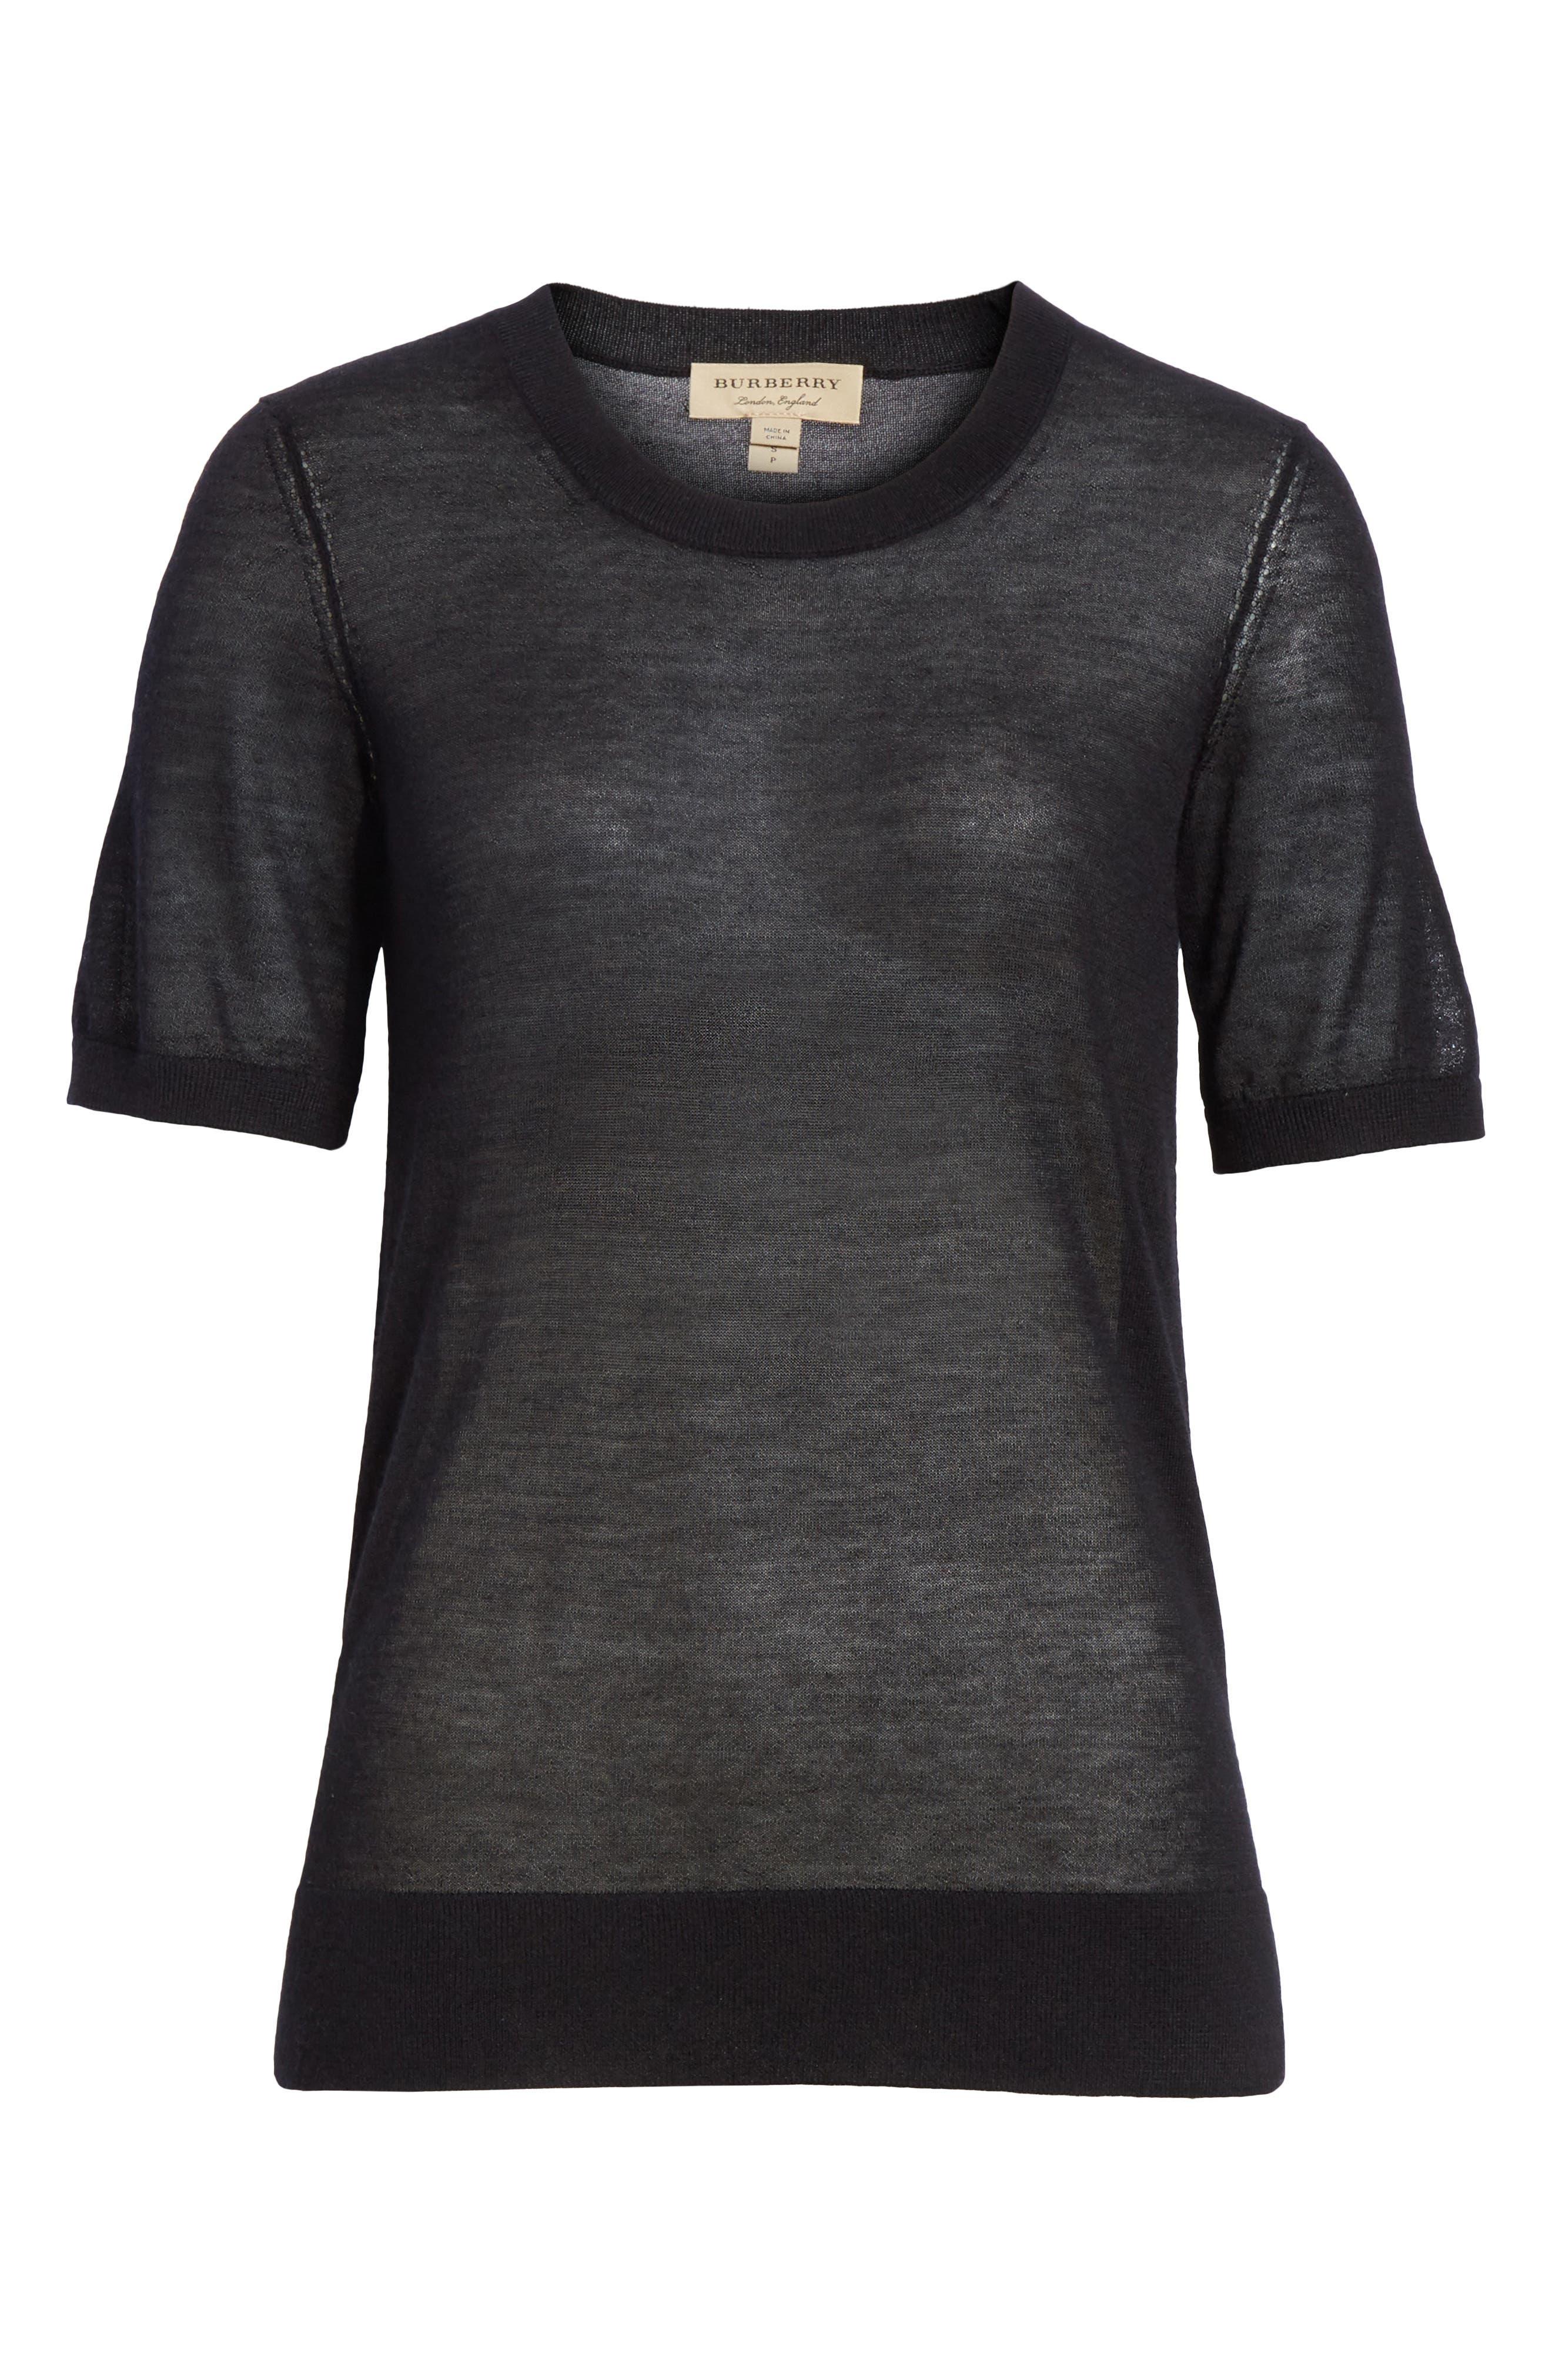 Killik Cashmere Sweater,                             Alternate thumbnail 6, color,                             BLACK